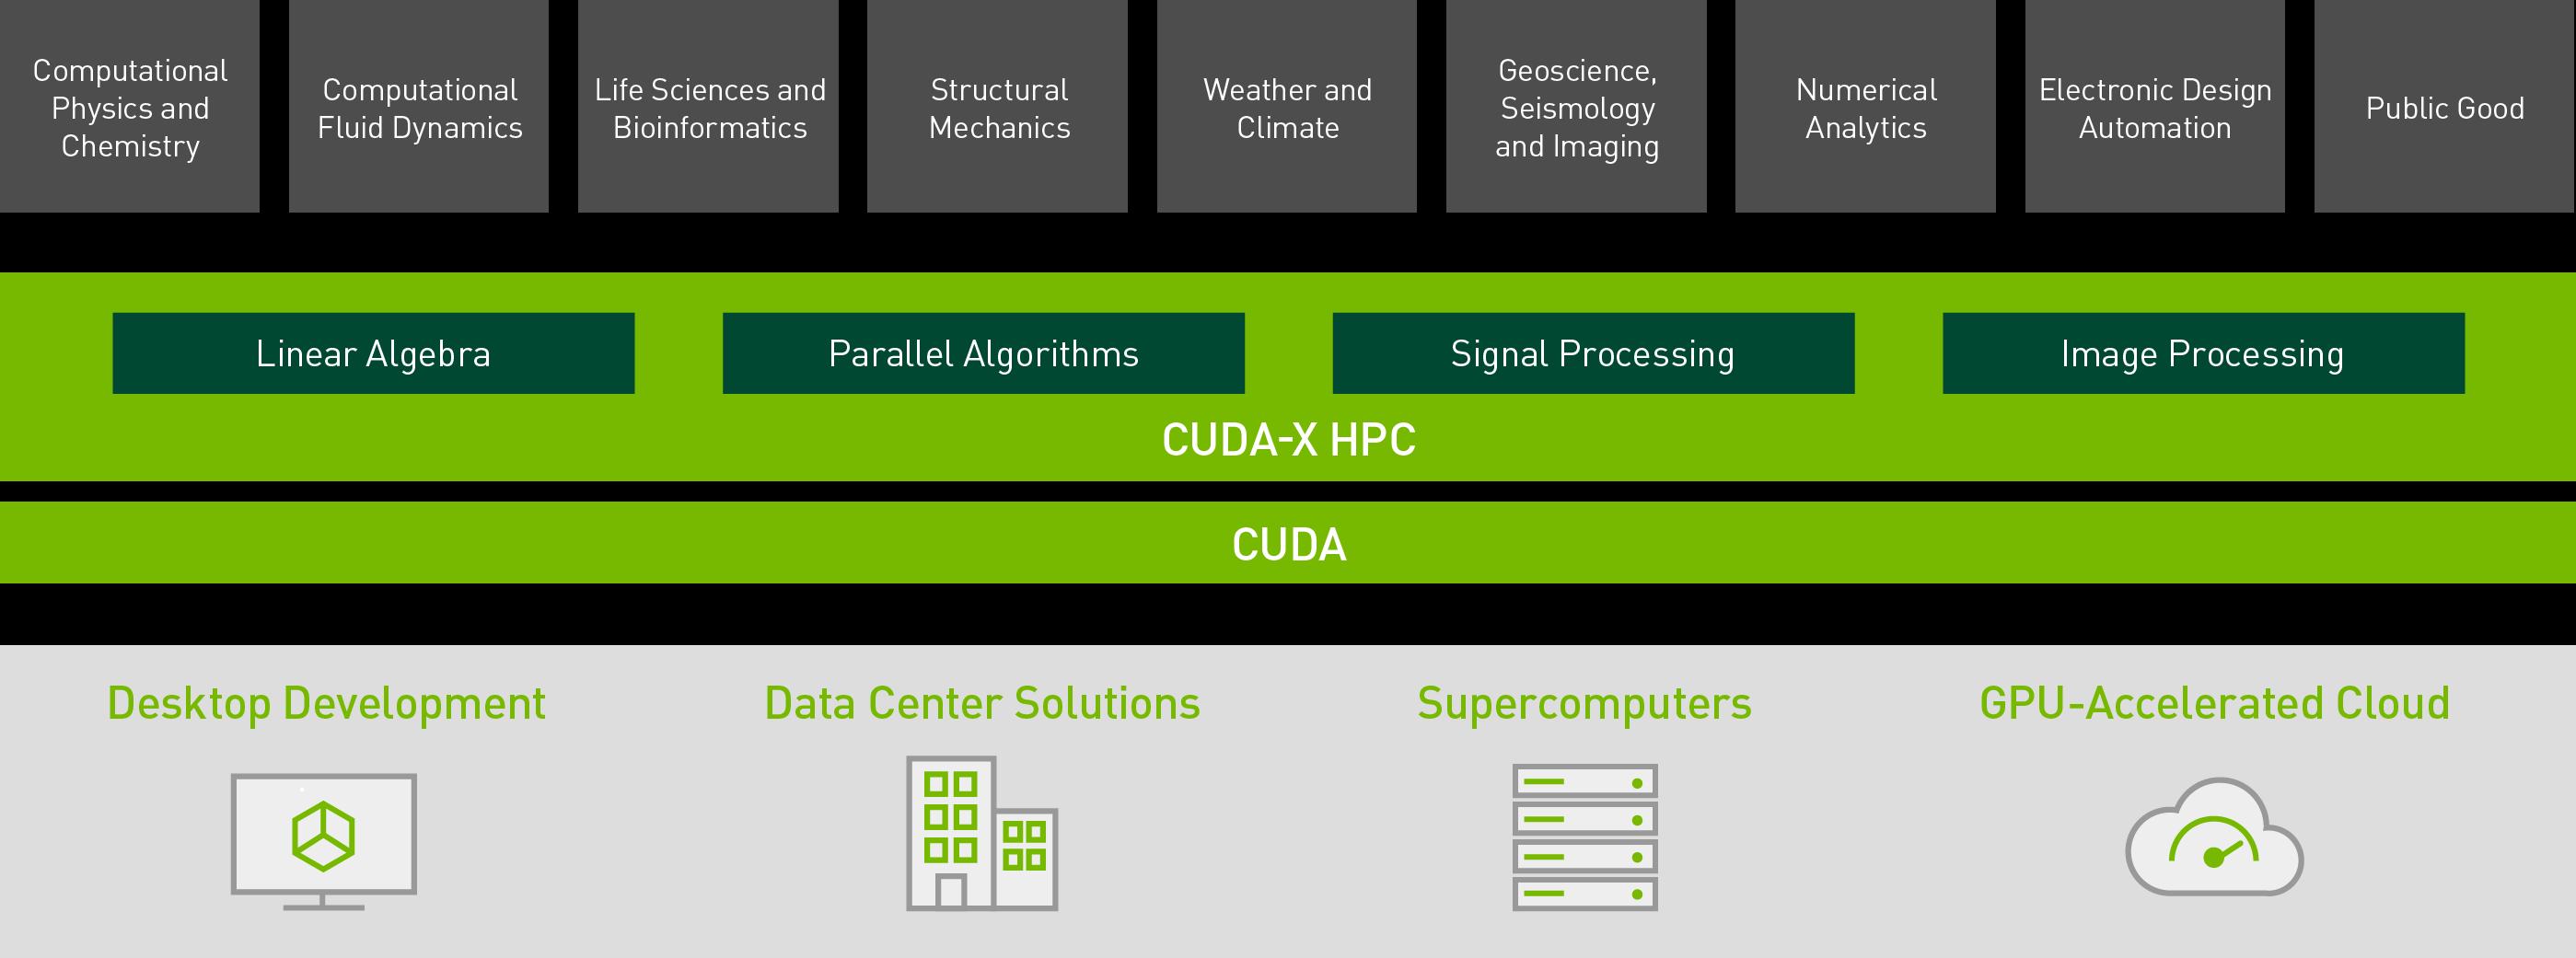 CUDA-X HPC